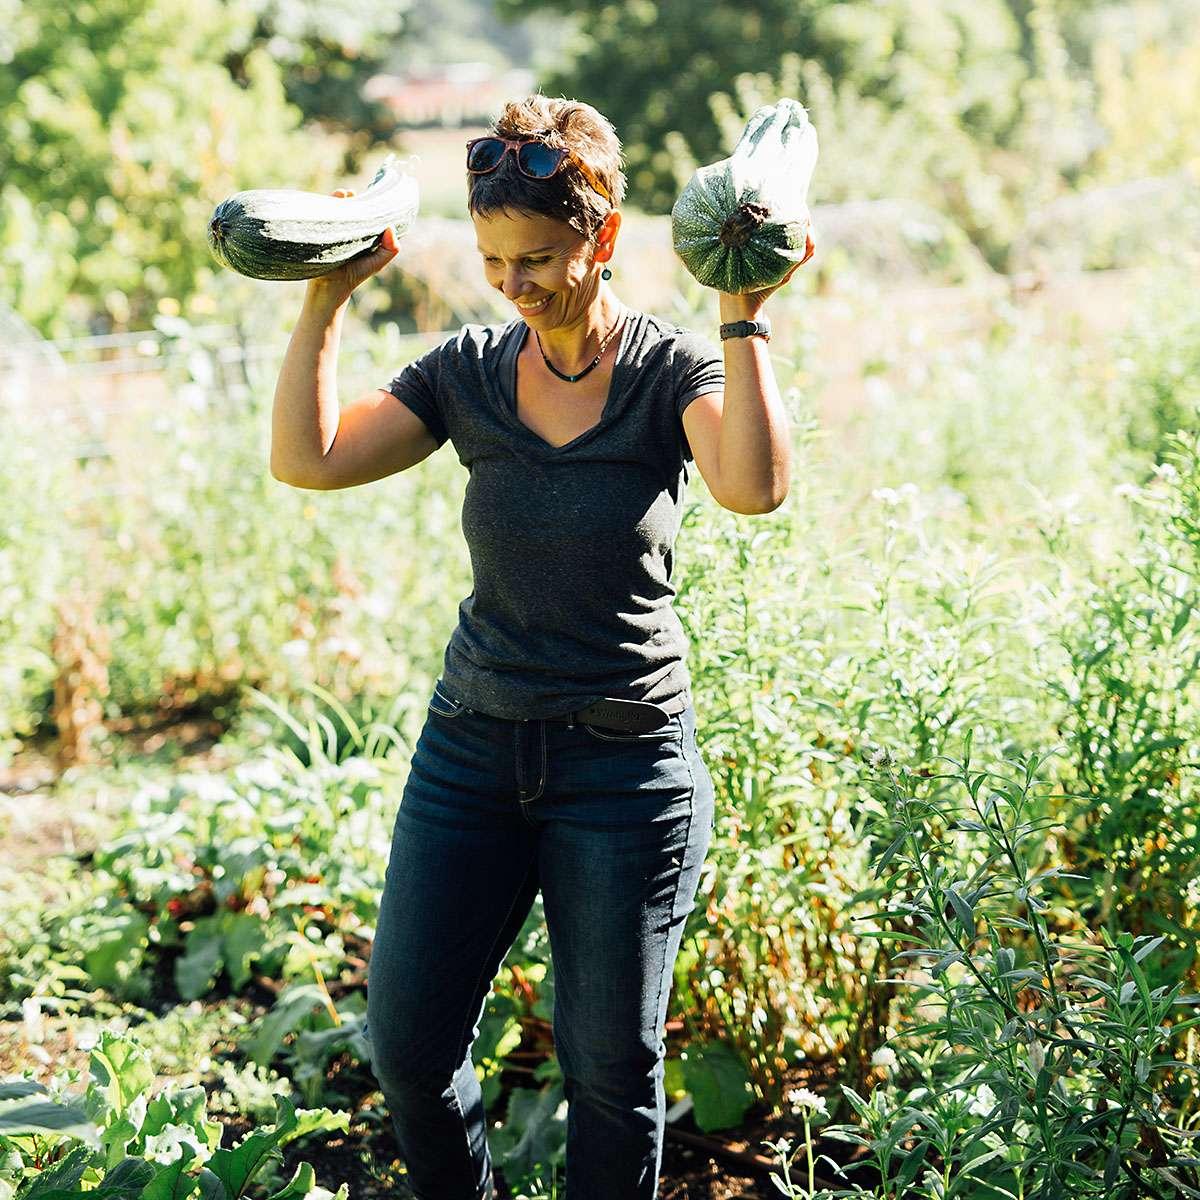 Squash harvested at Calendula Farm & Earthworks Tacoma, WA